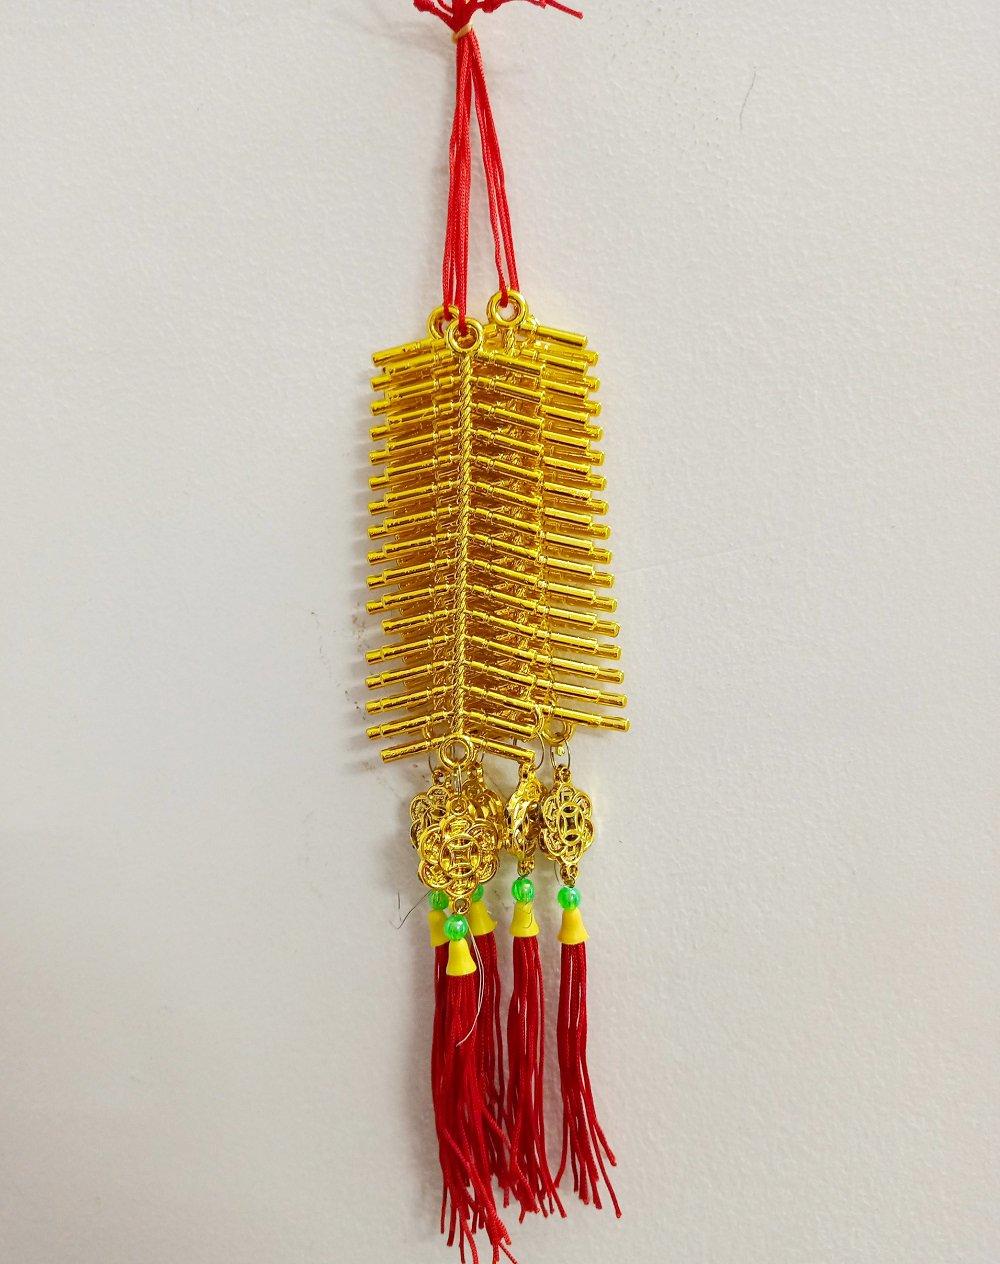 Lộc treo trang trí tết Dây pháo vàng và đồng tiền tài lộc